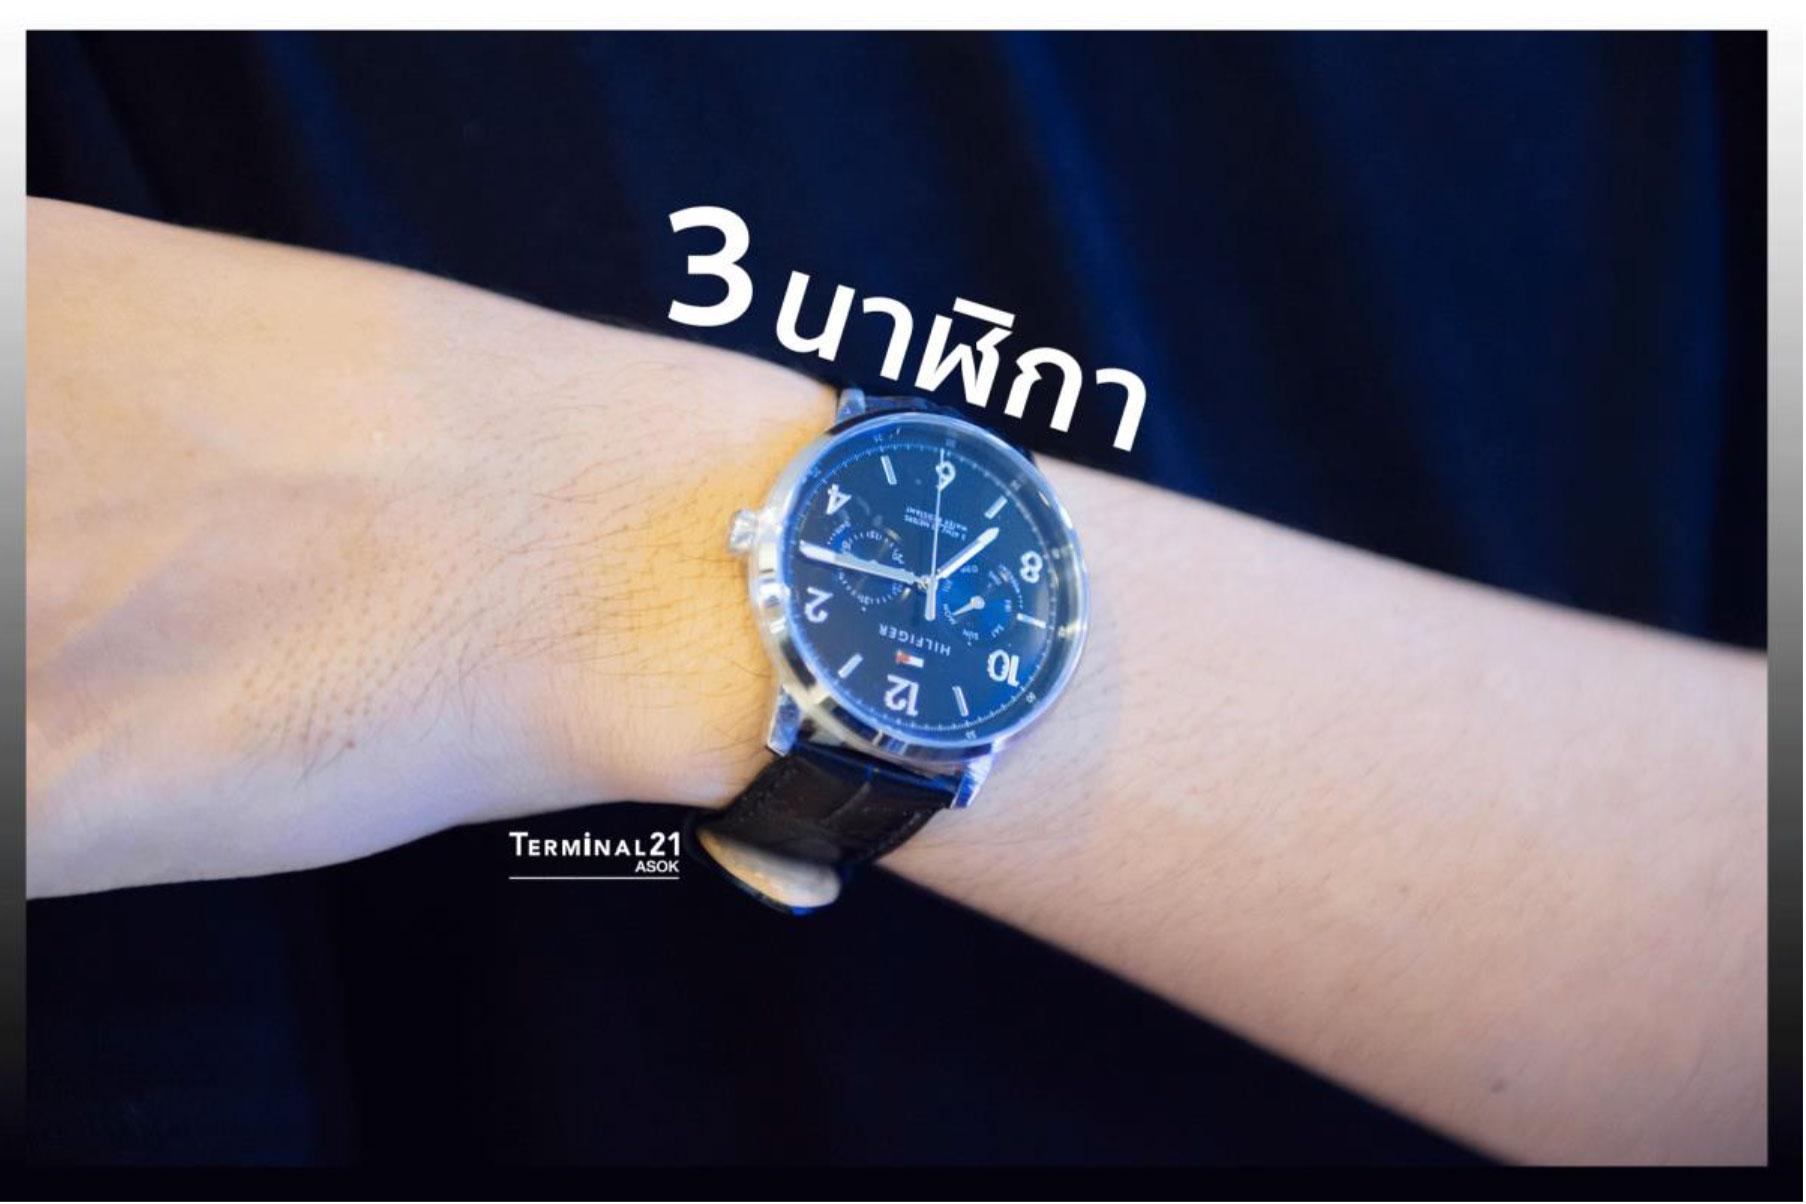 ดูดี มีคลาส ด้วย 3 นาฬิกาแบรนด์ดัง